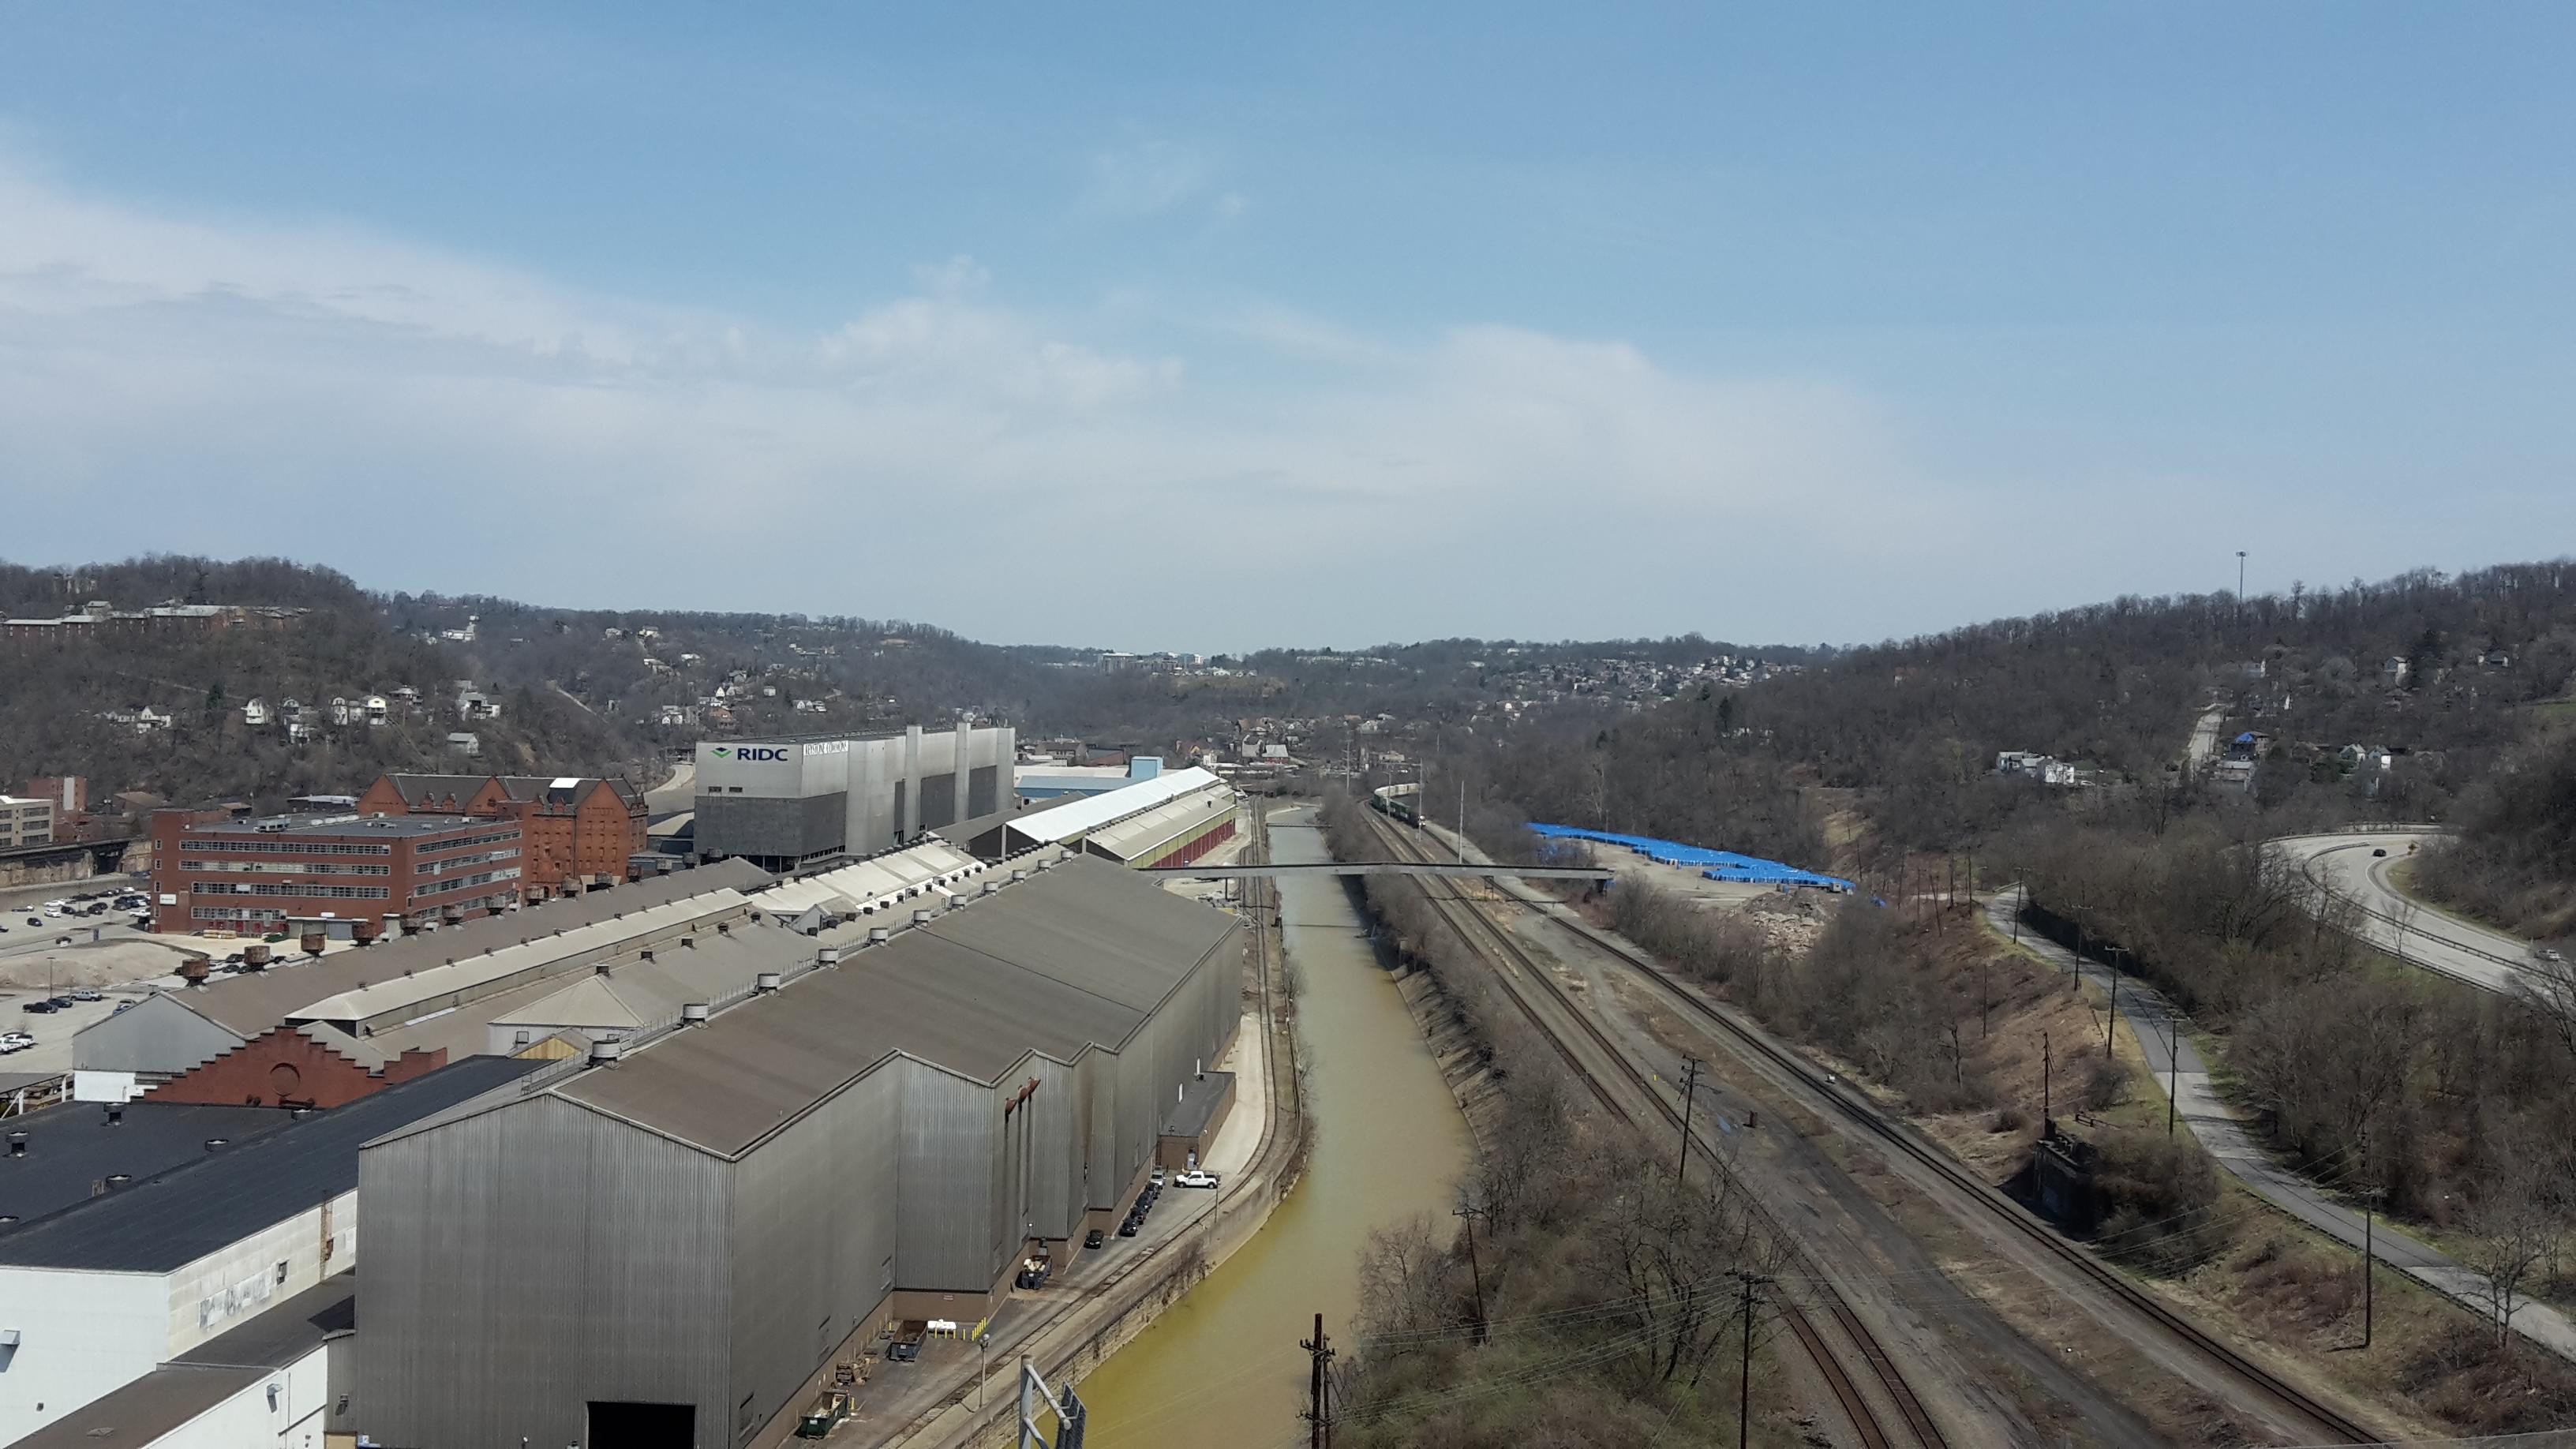 File:TurtleCreek from George Westinghouse Bridge April 2018.jpg